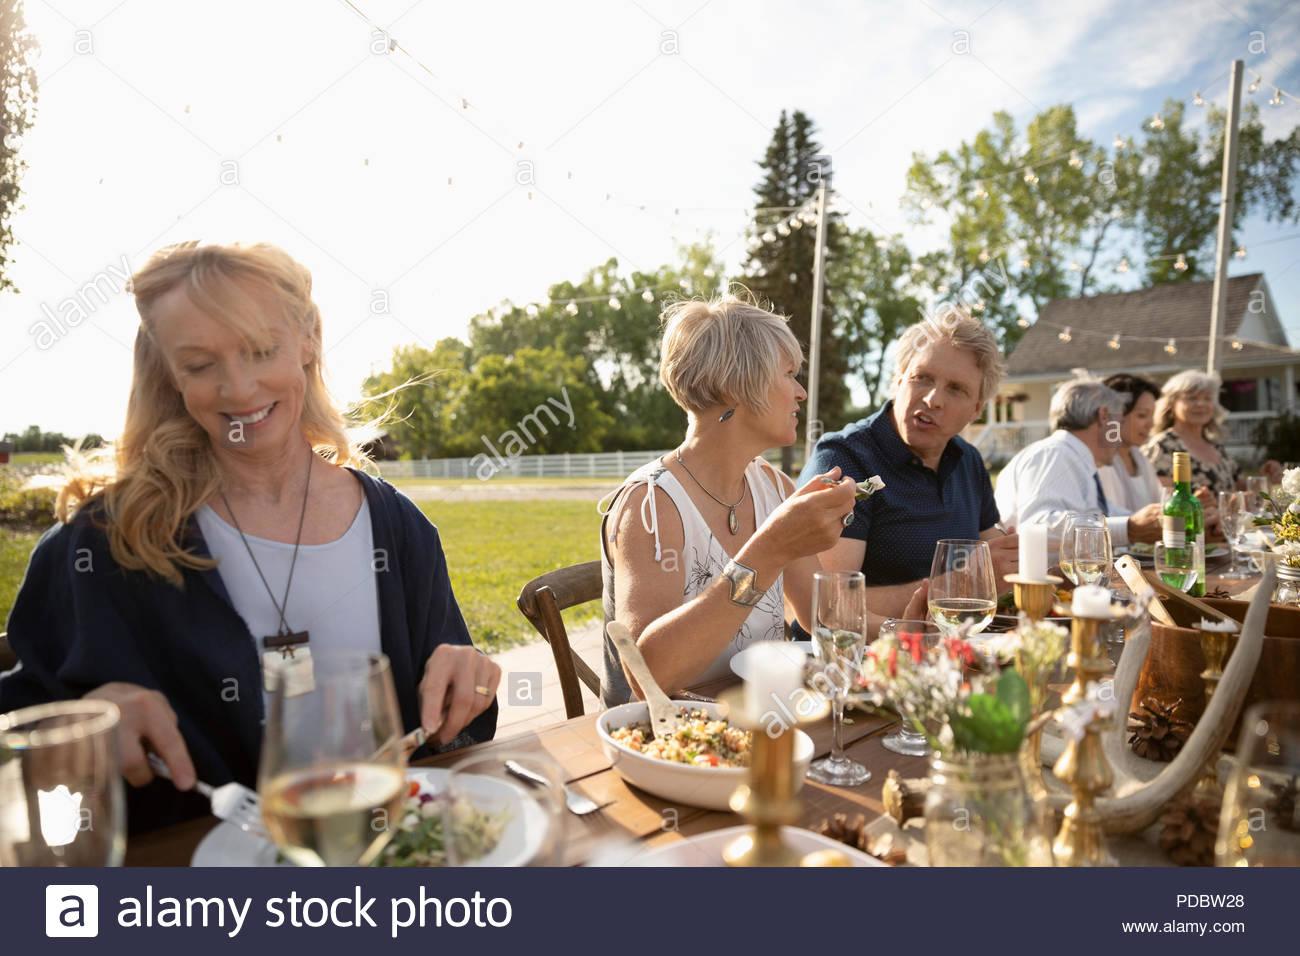 Gli amici di mangiare e bere a sunny garden party pranzo Immagini Stock